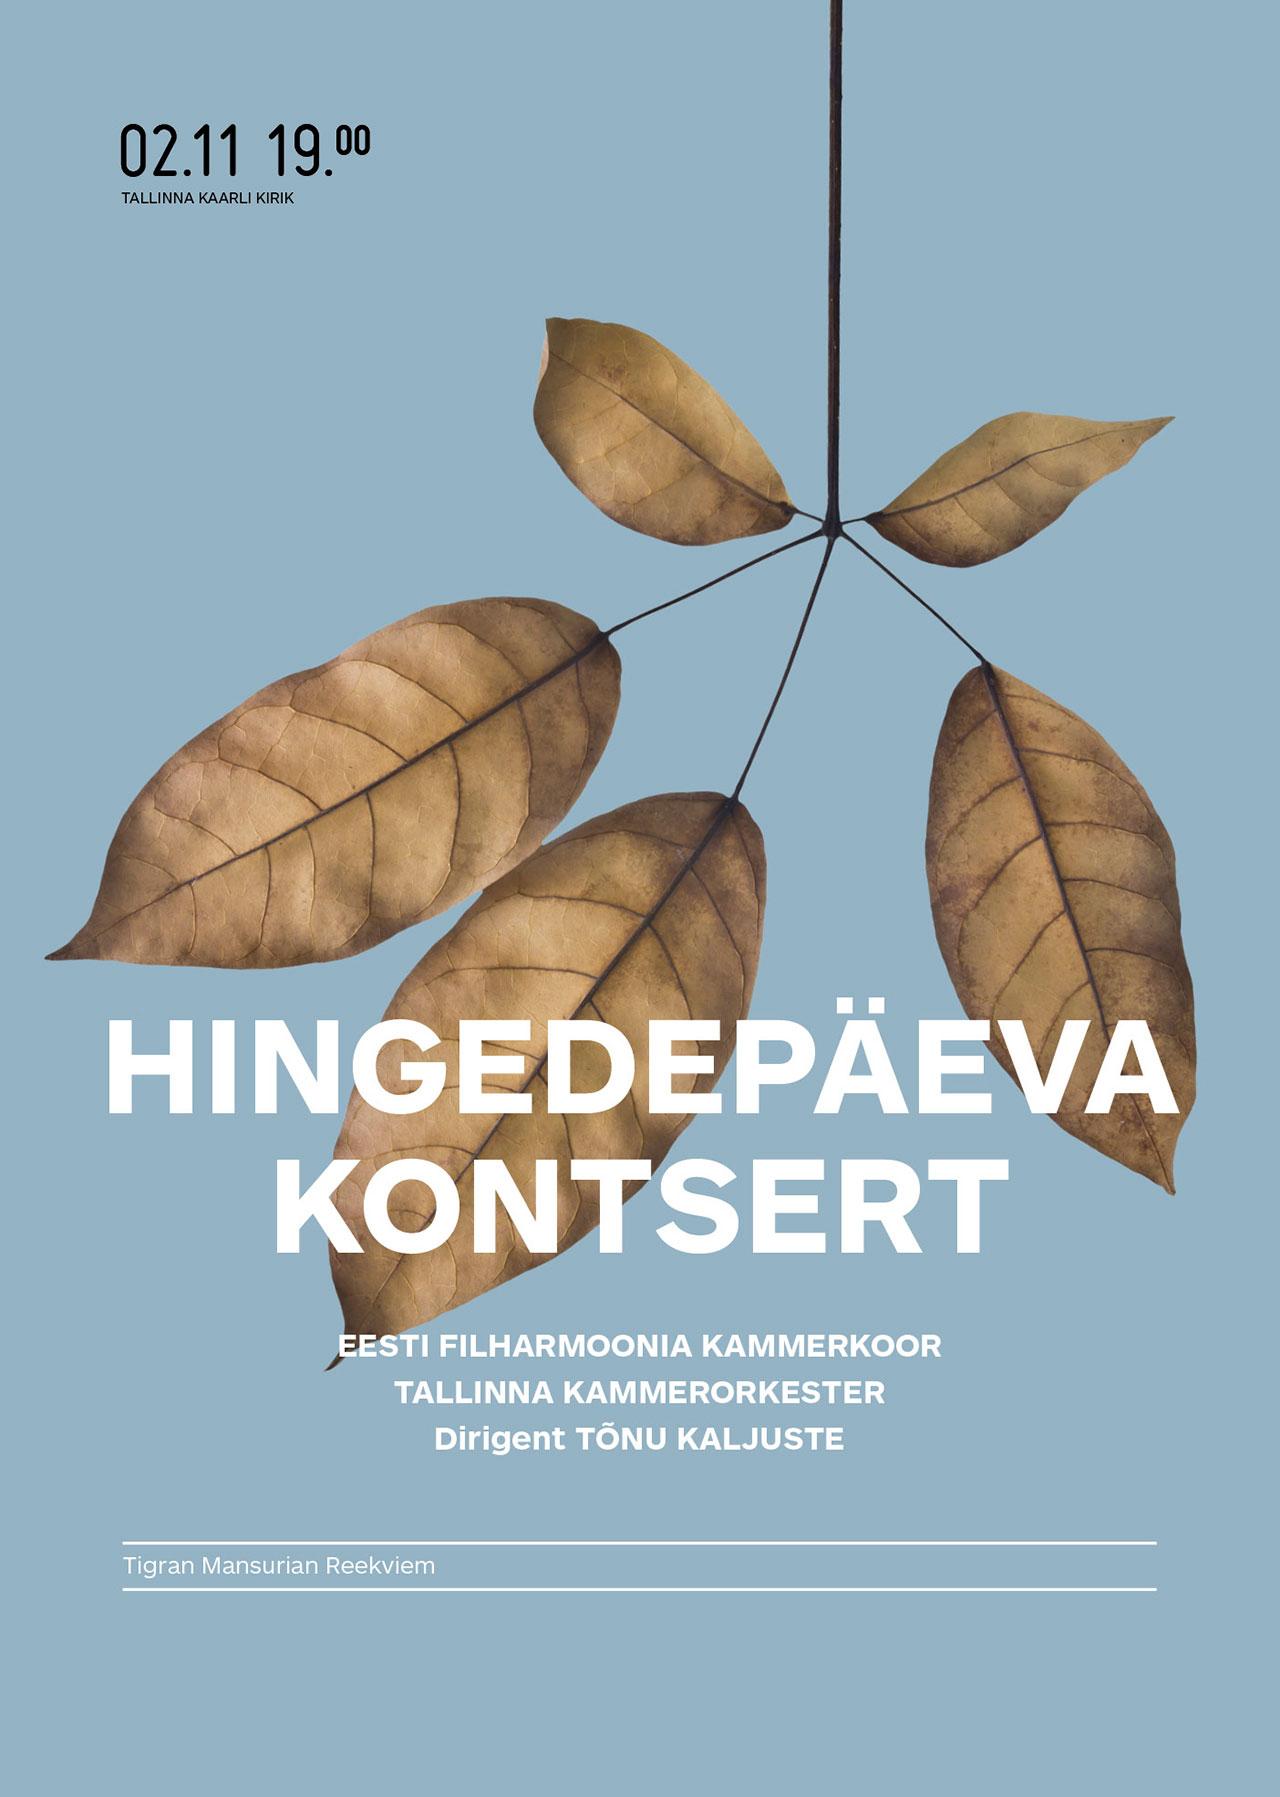 HINGEDEPÄEVA KONTSERT